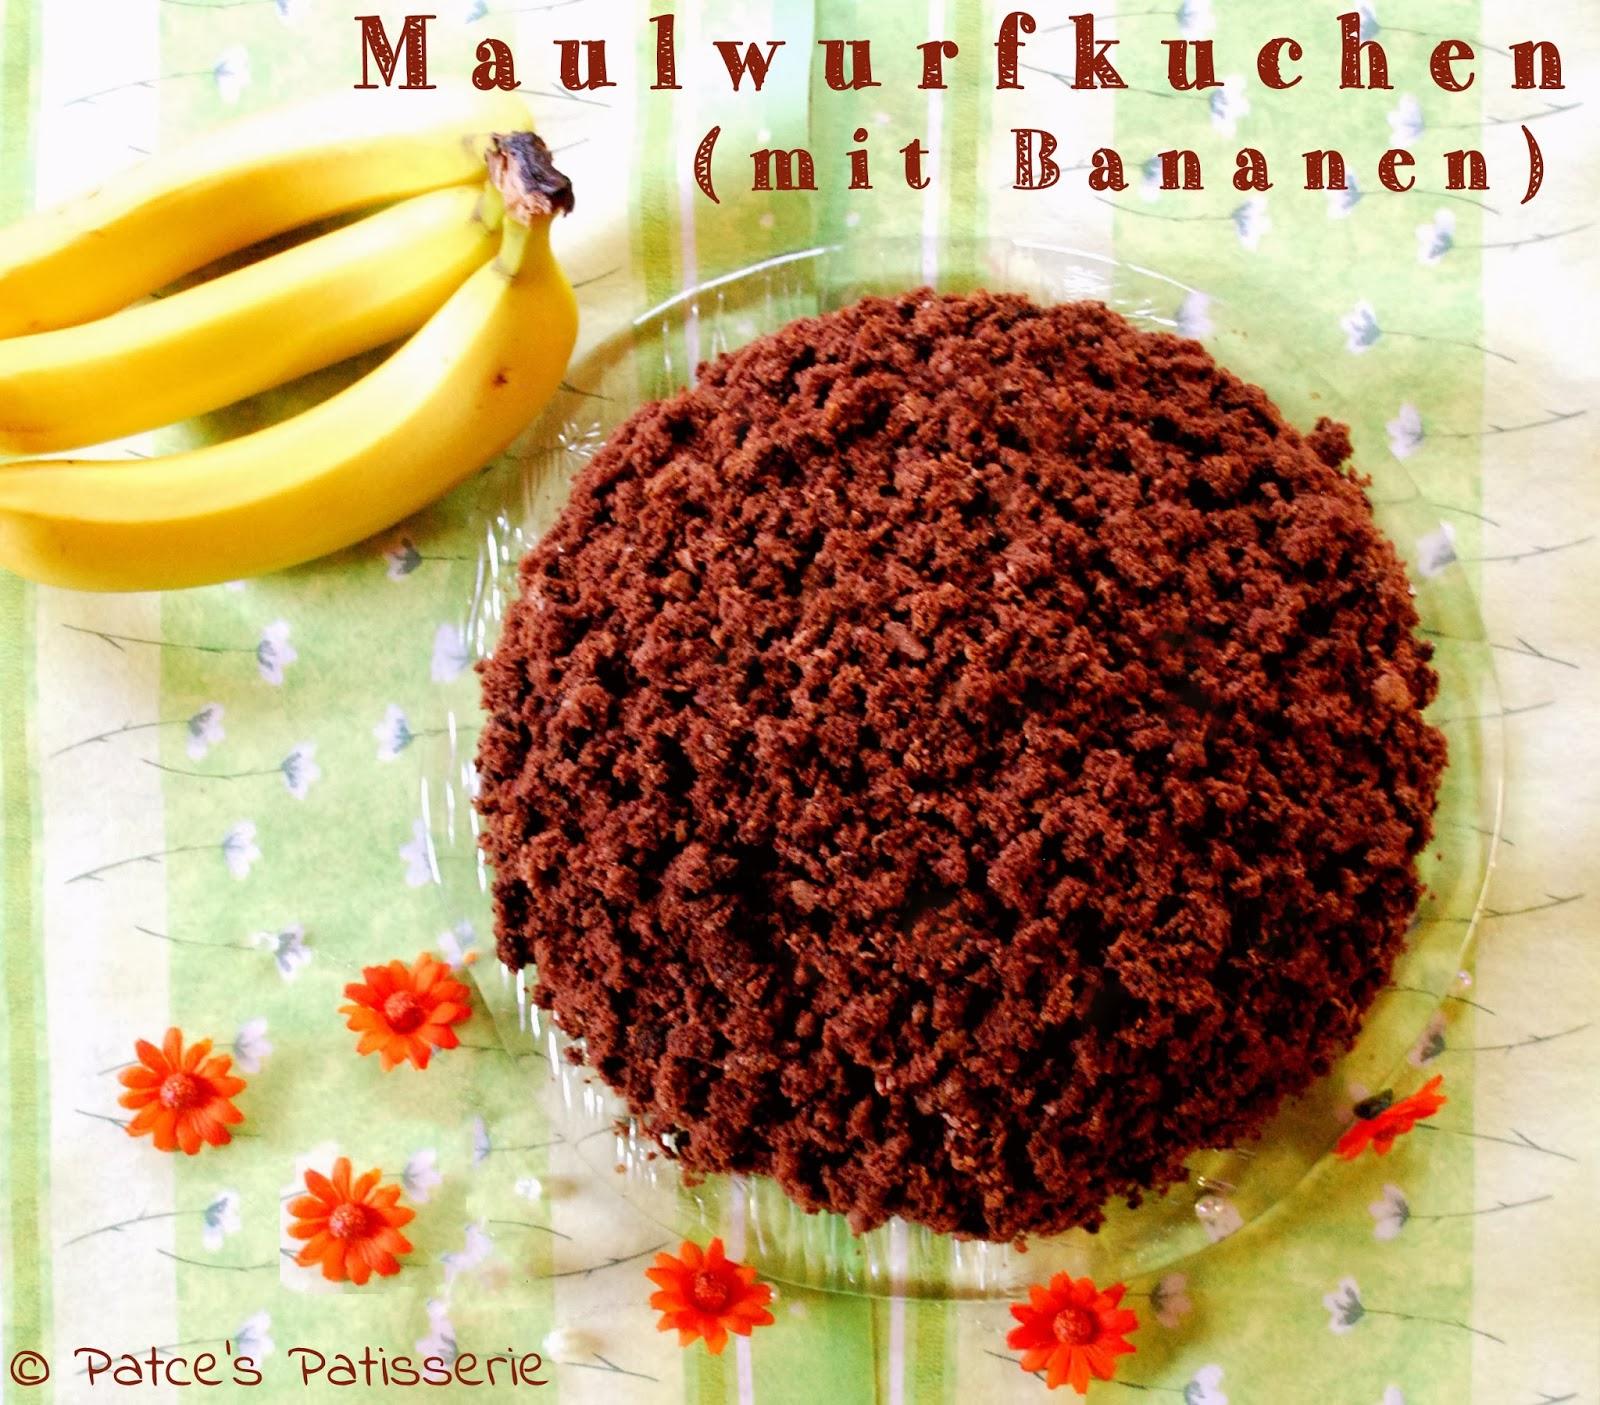 Patces Patisserie Maulwurfkuchen Oder Bananen Torte Undercover